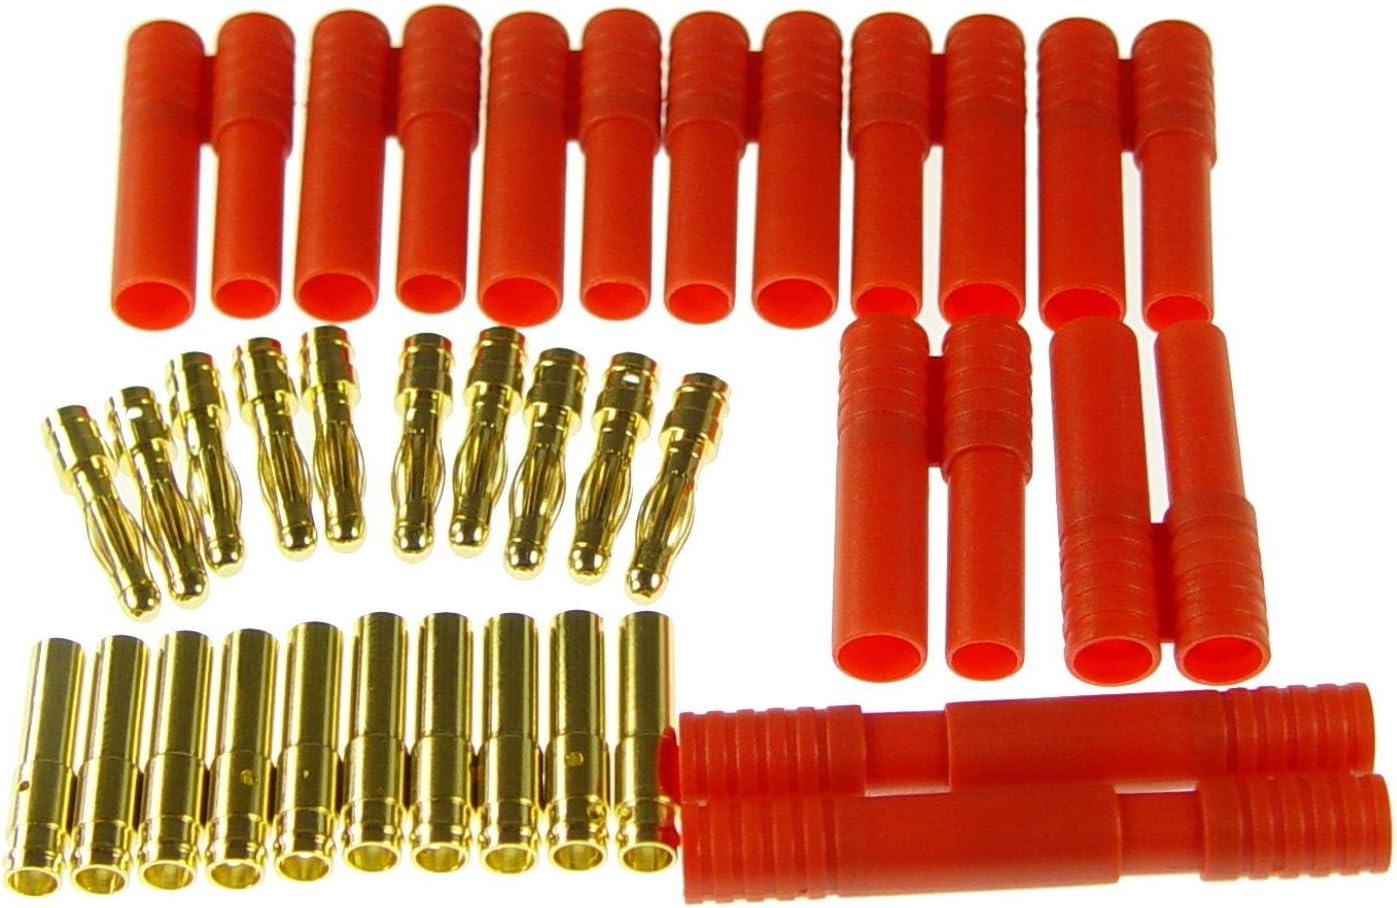 first-us Goldstecker Goldkontaktstecker Goldies 5Paar x 2mm mit Geh/äuse H/ülse bis 20A Steckverbindung Steckverbinder Adapterstecker Stecksystem RC Modellbau Standmodellbau Teile Zubeh/ör Neu